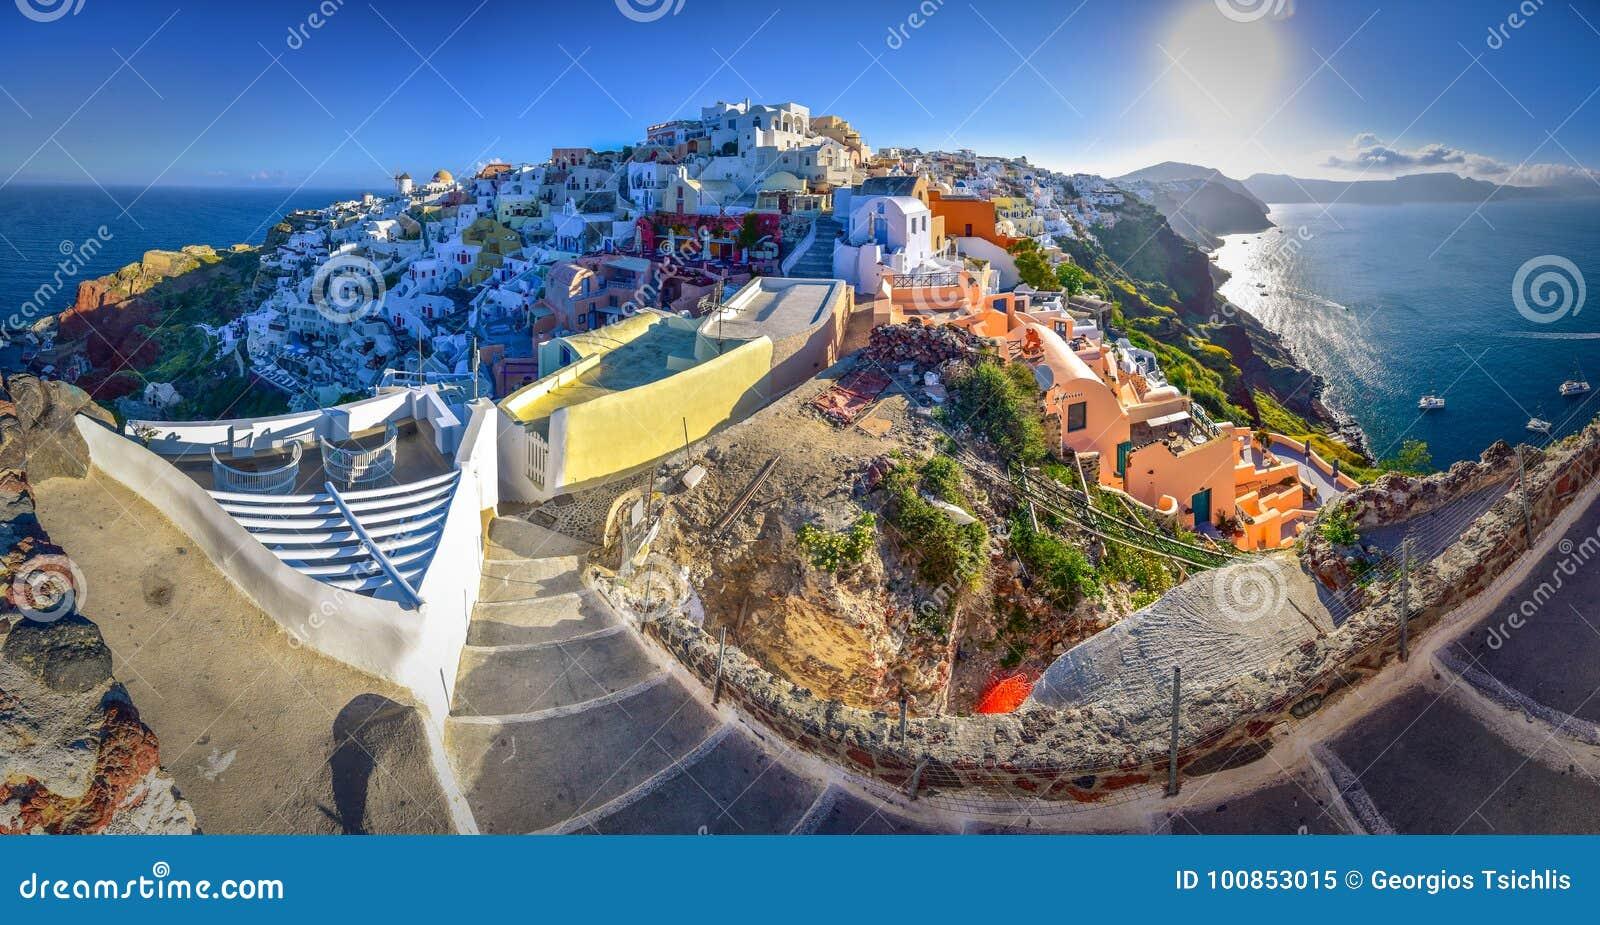 Oia miasteczko na Santorini wyspie, Grecja Tradycyjni i sławni domy i kościół z błękitnymi kopułami nad kalderą